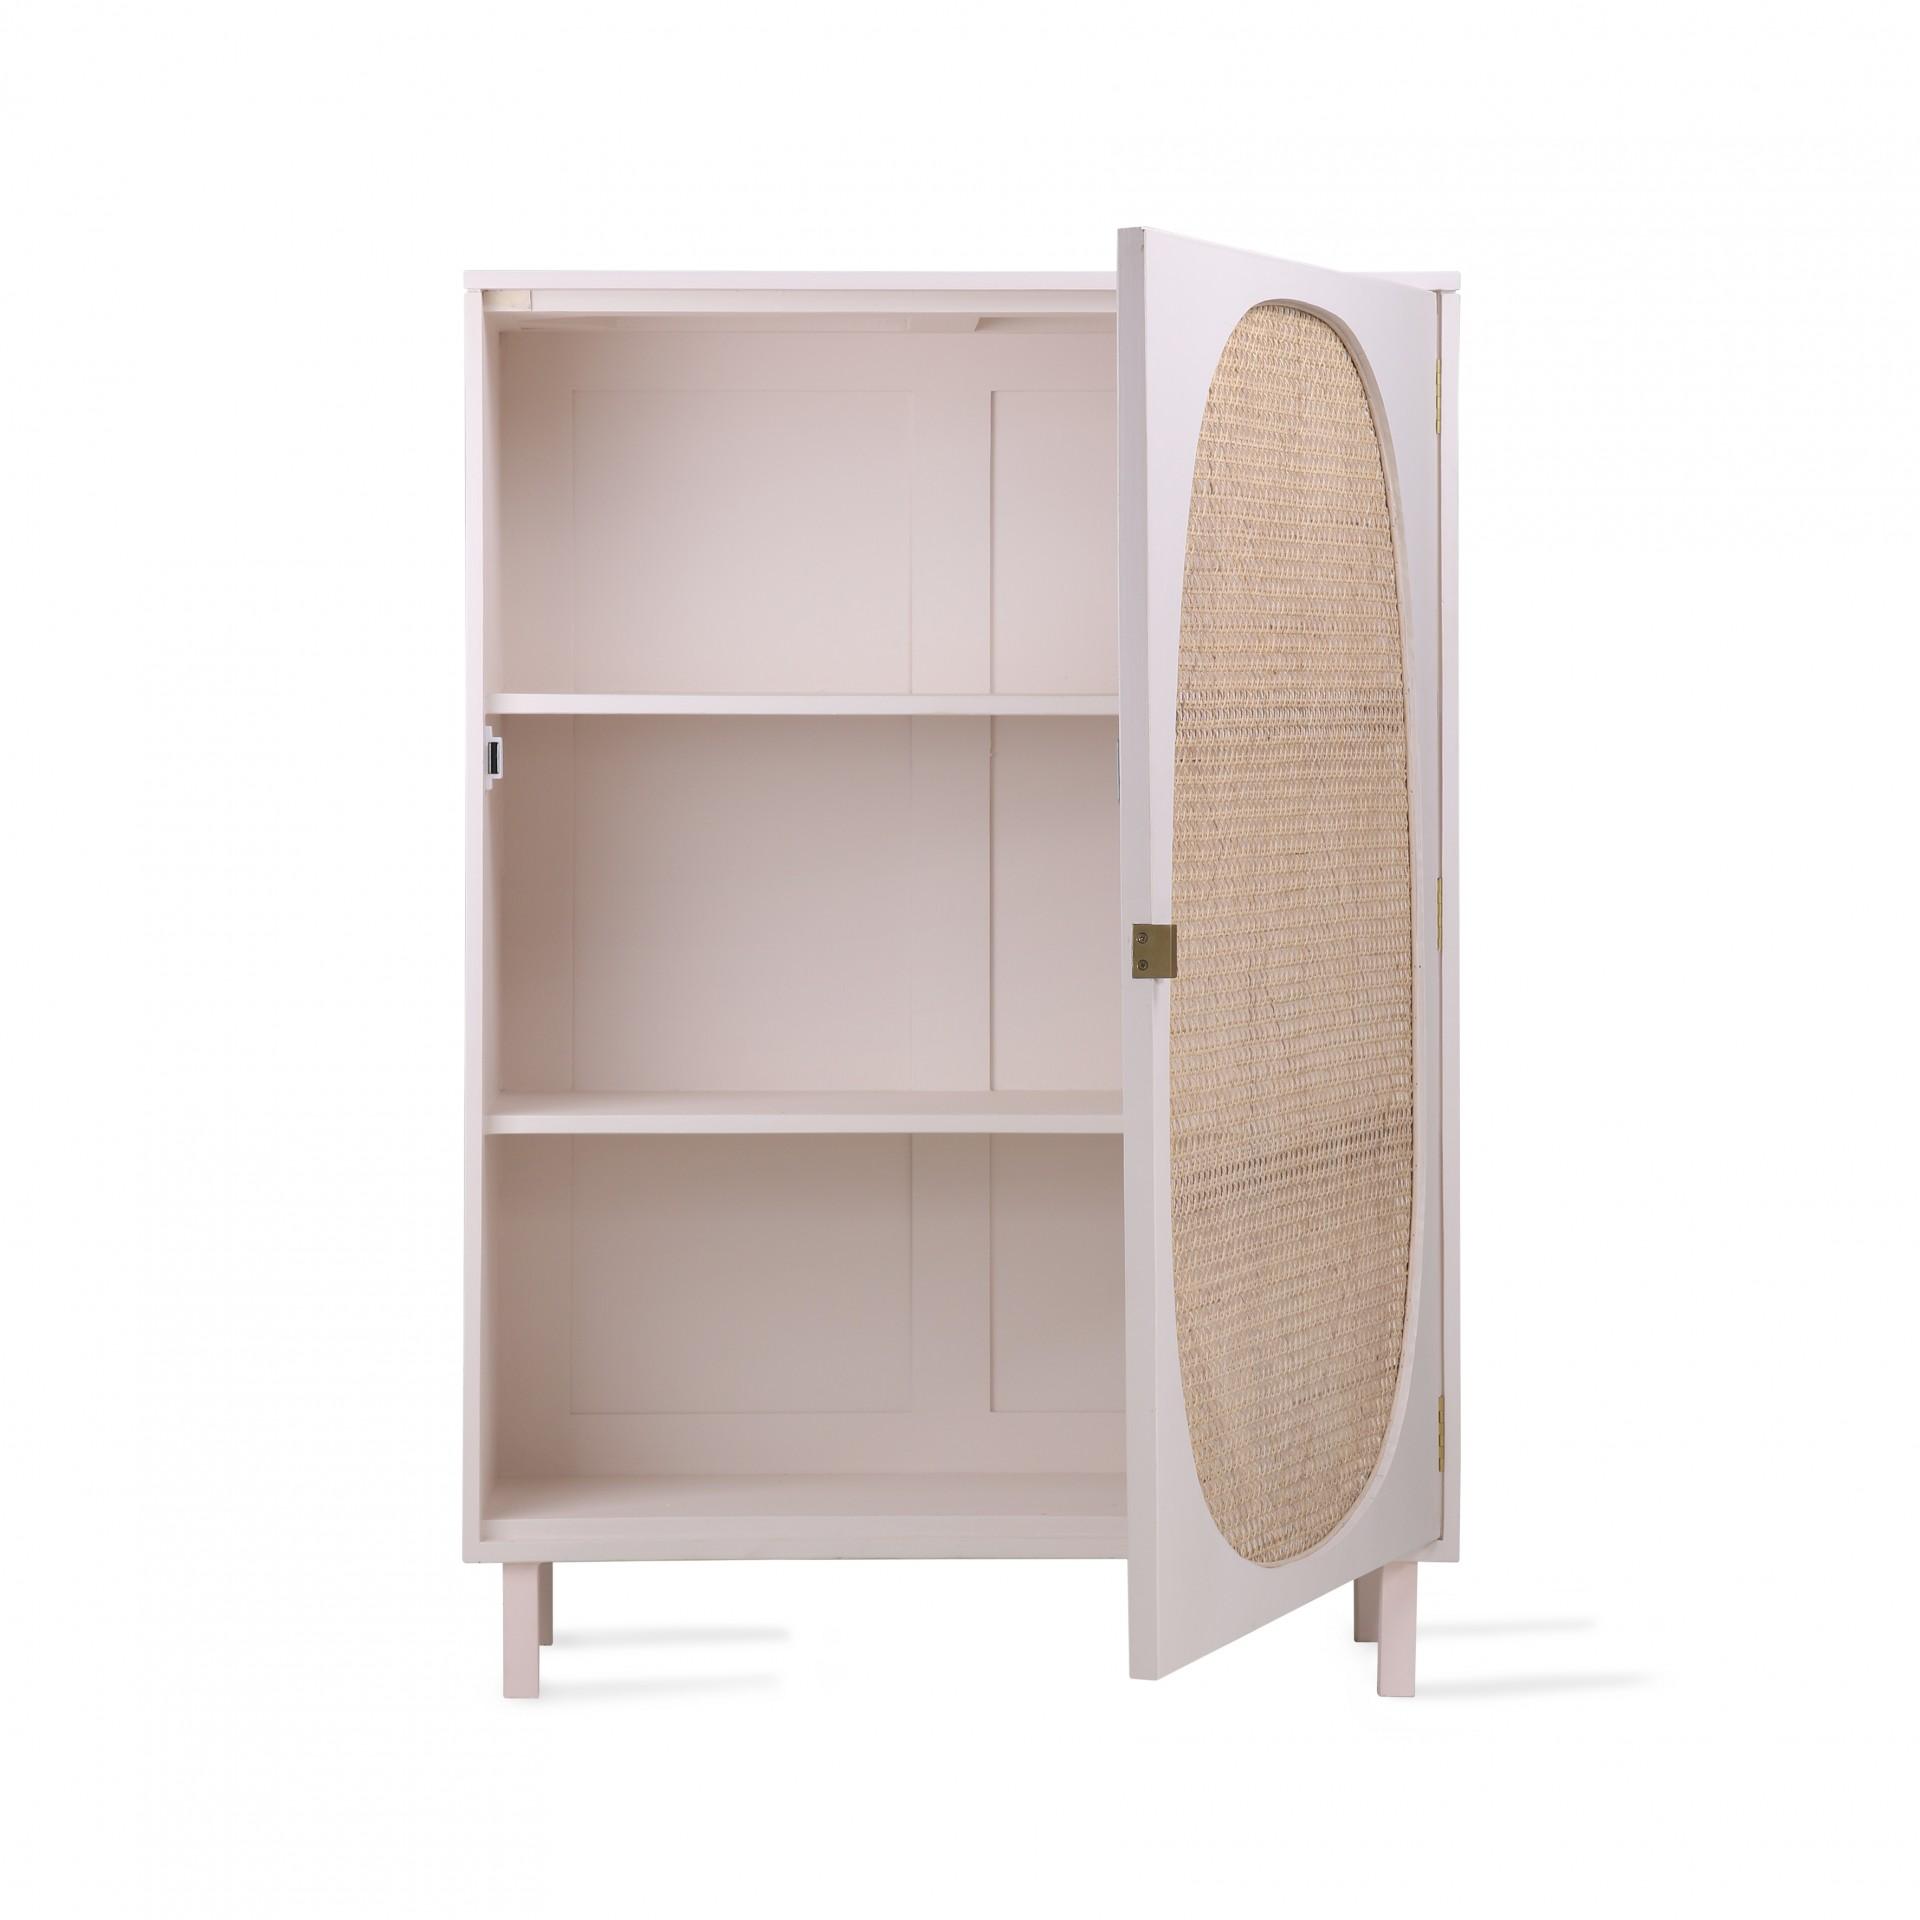 Armário em madeira manga/vime natural, 85x122 cm